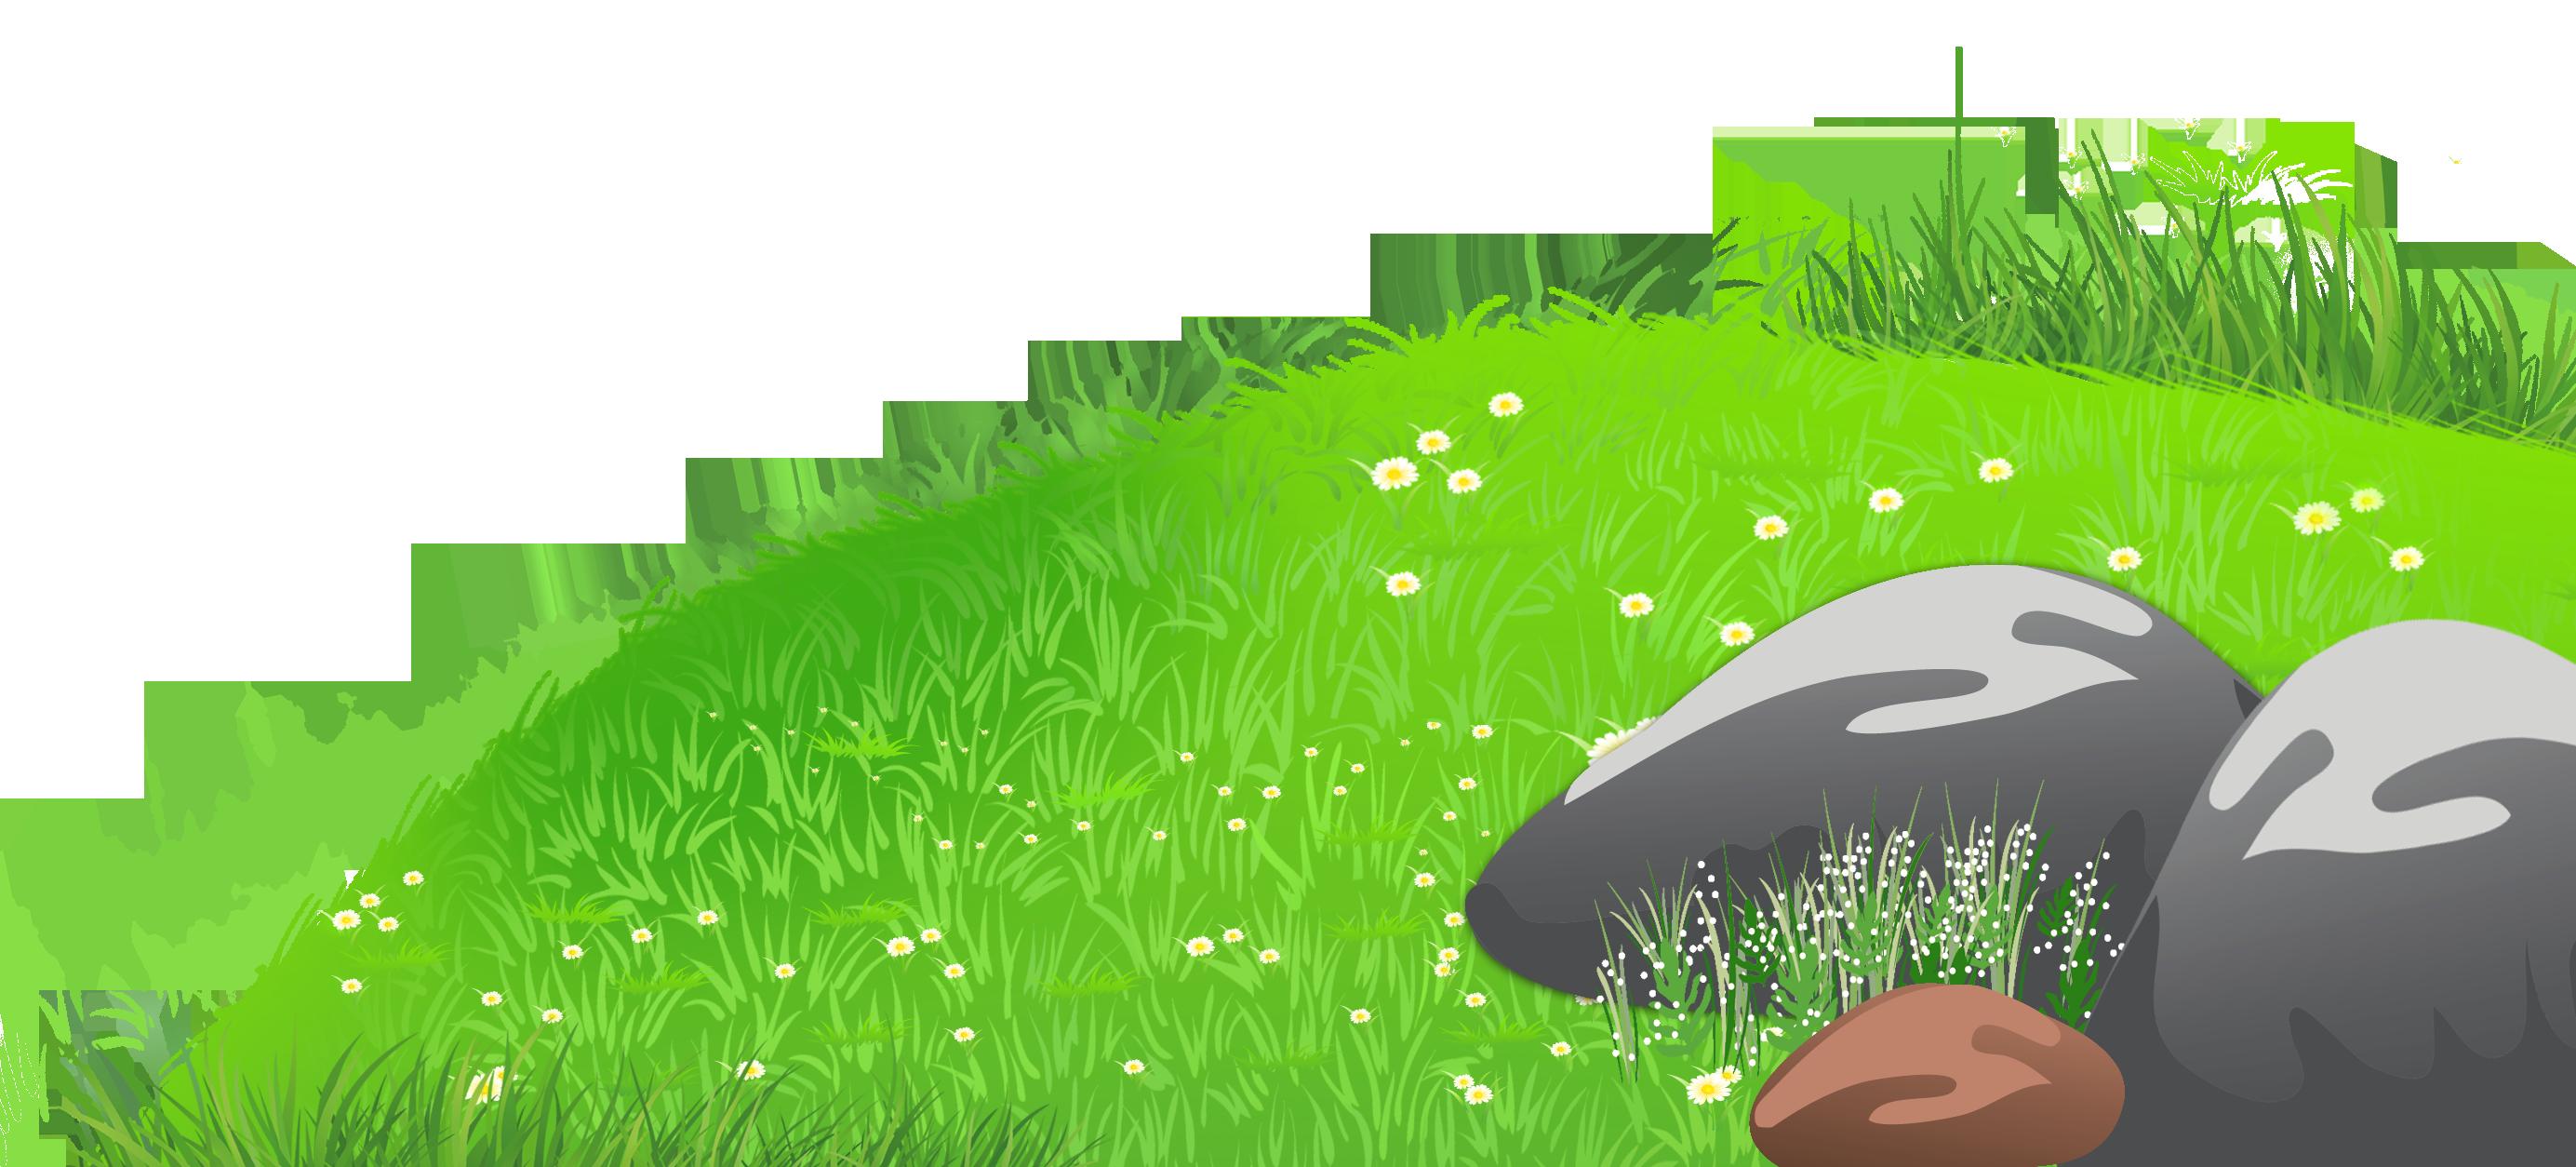 Hills clipart lawn.  best grass hill